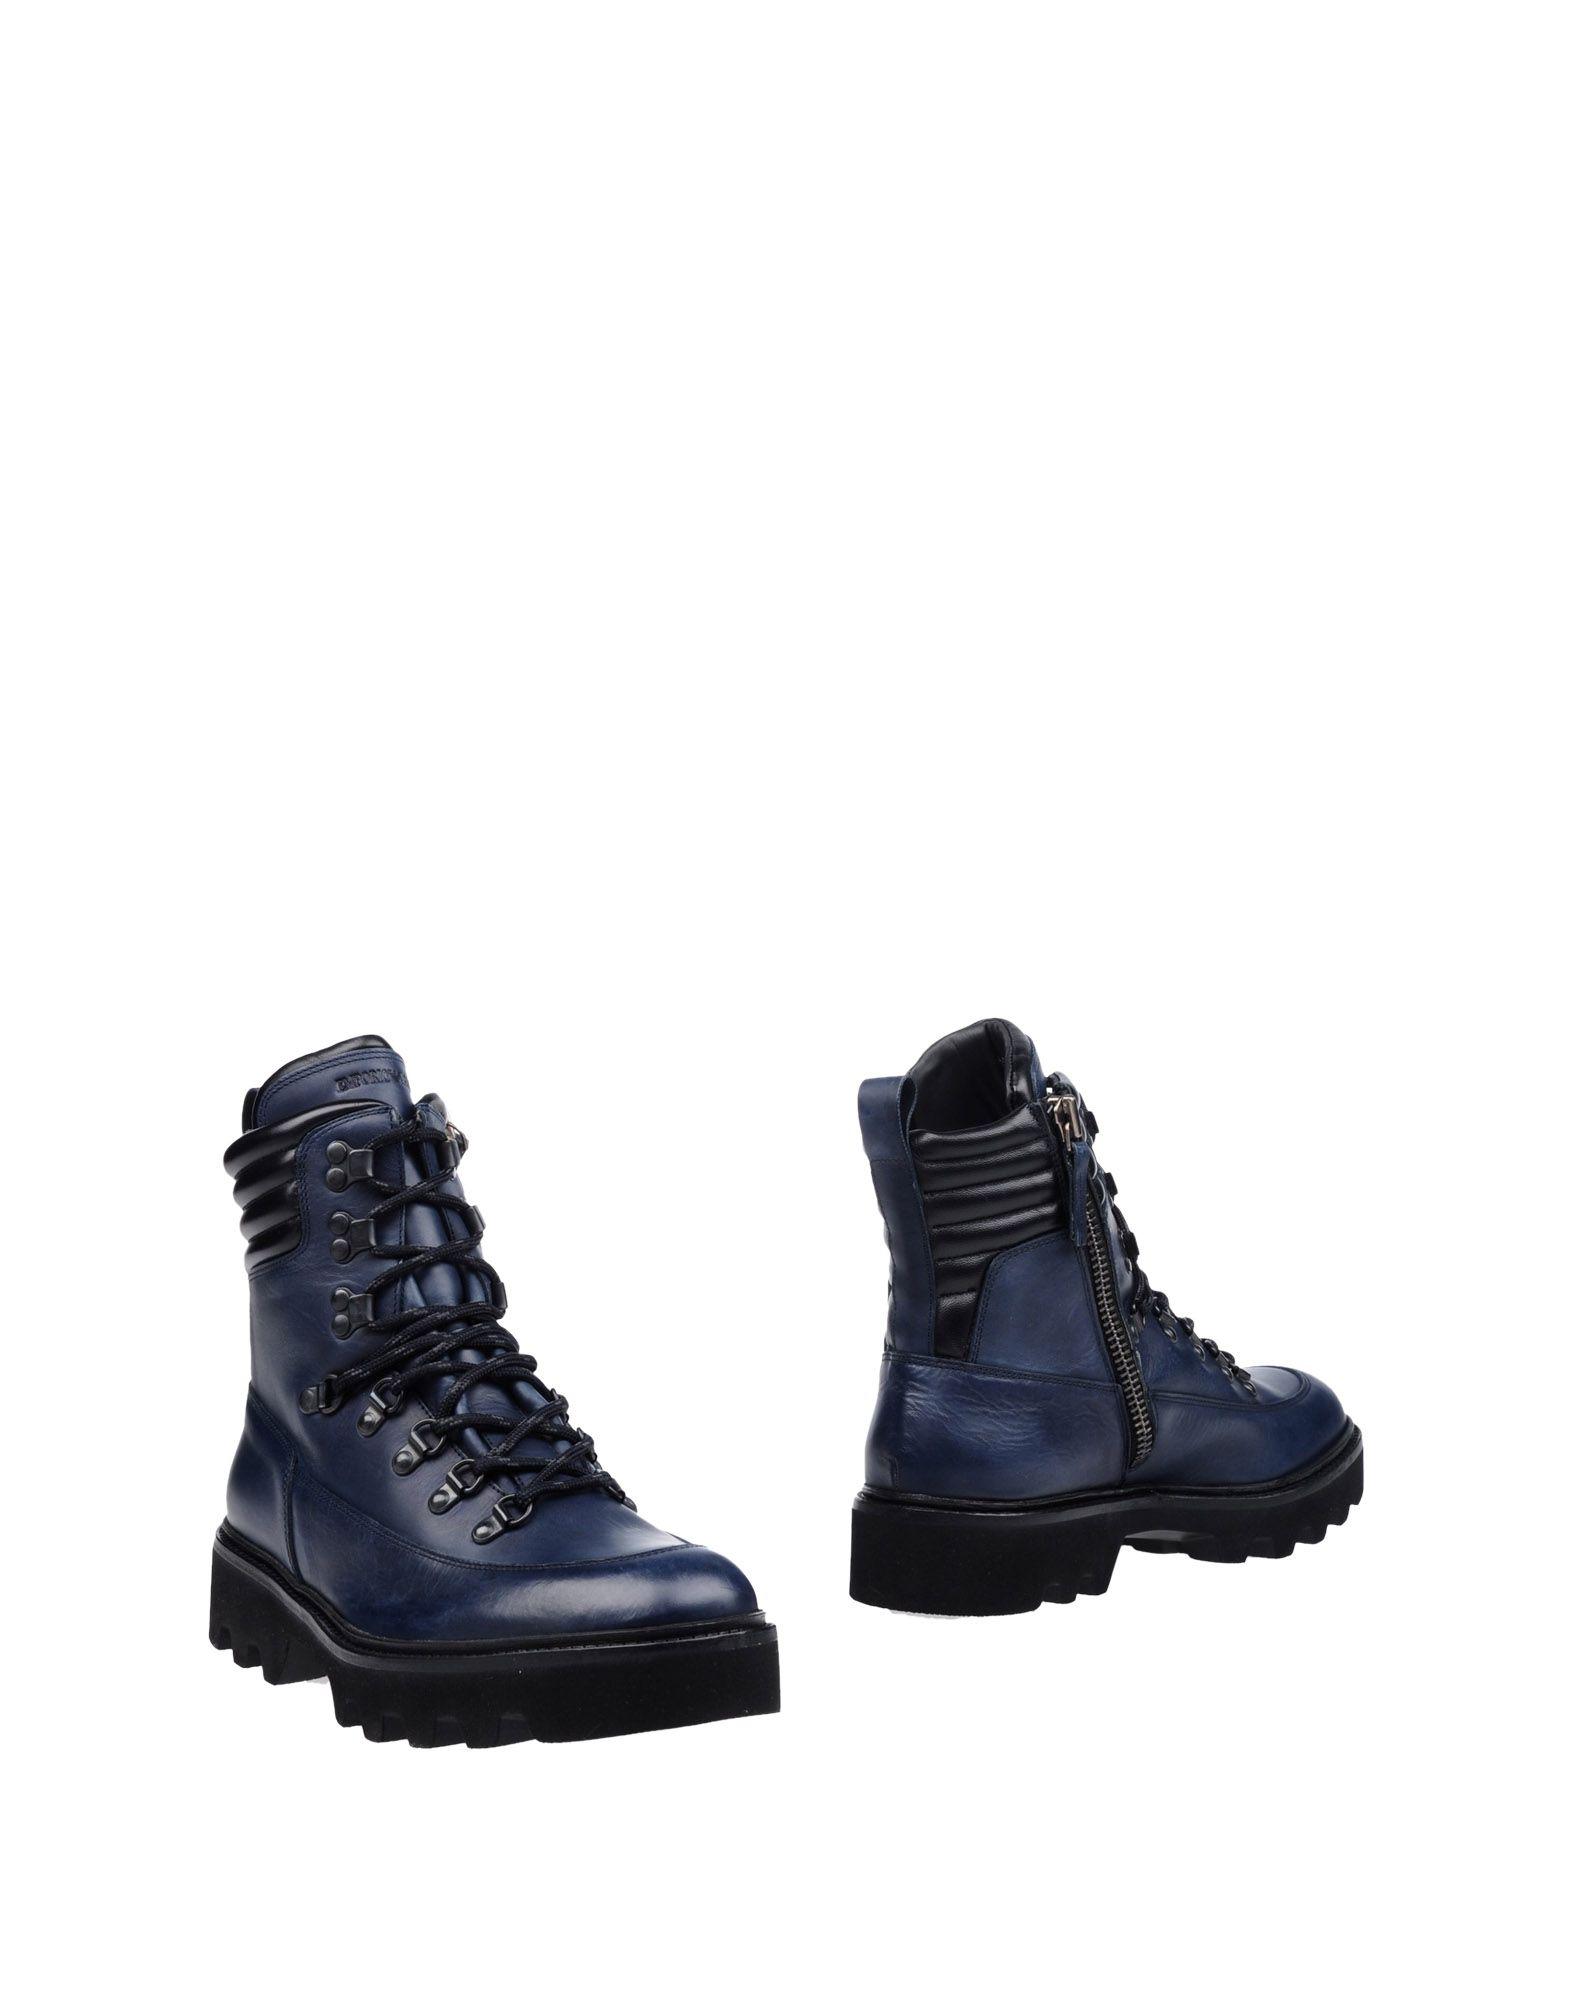 Emporio Armani Stiefelette Herren  11283042DX Gute Qualität beliebte Schuhe